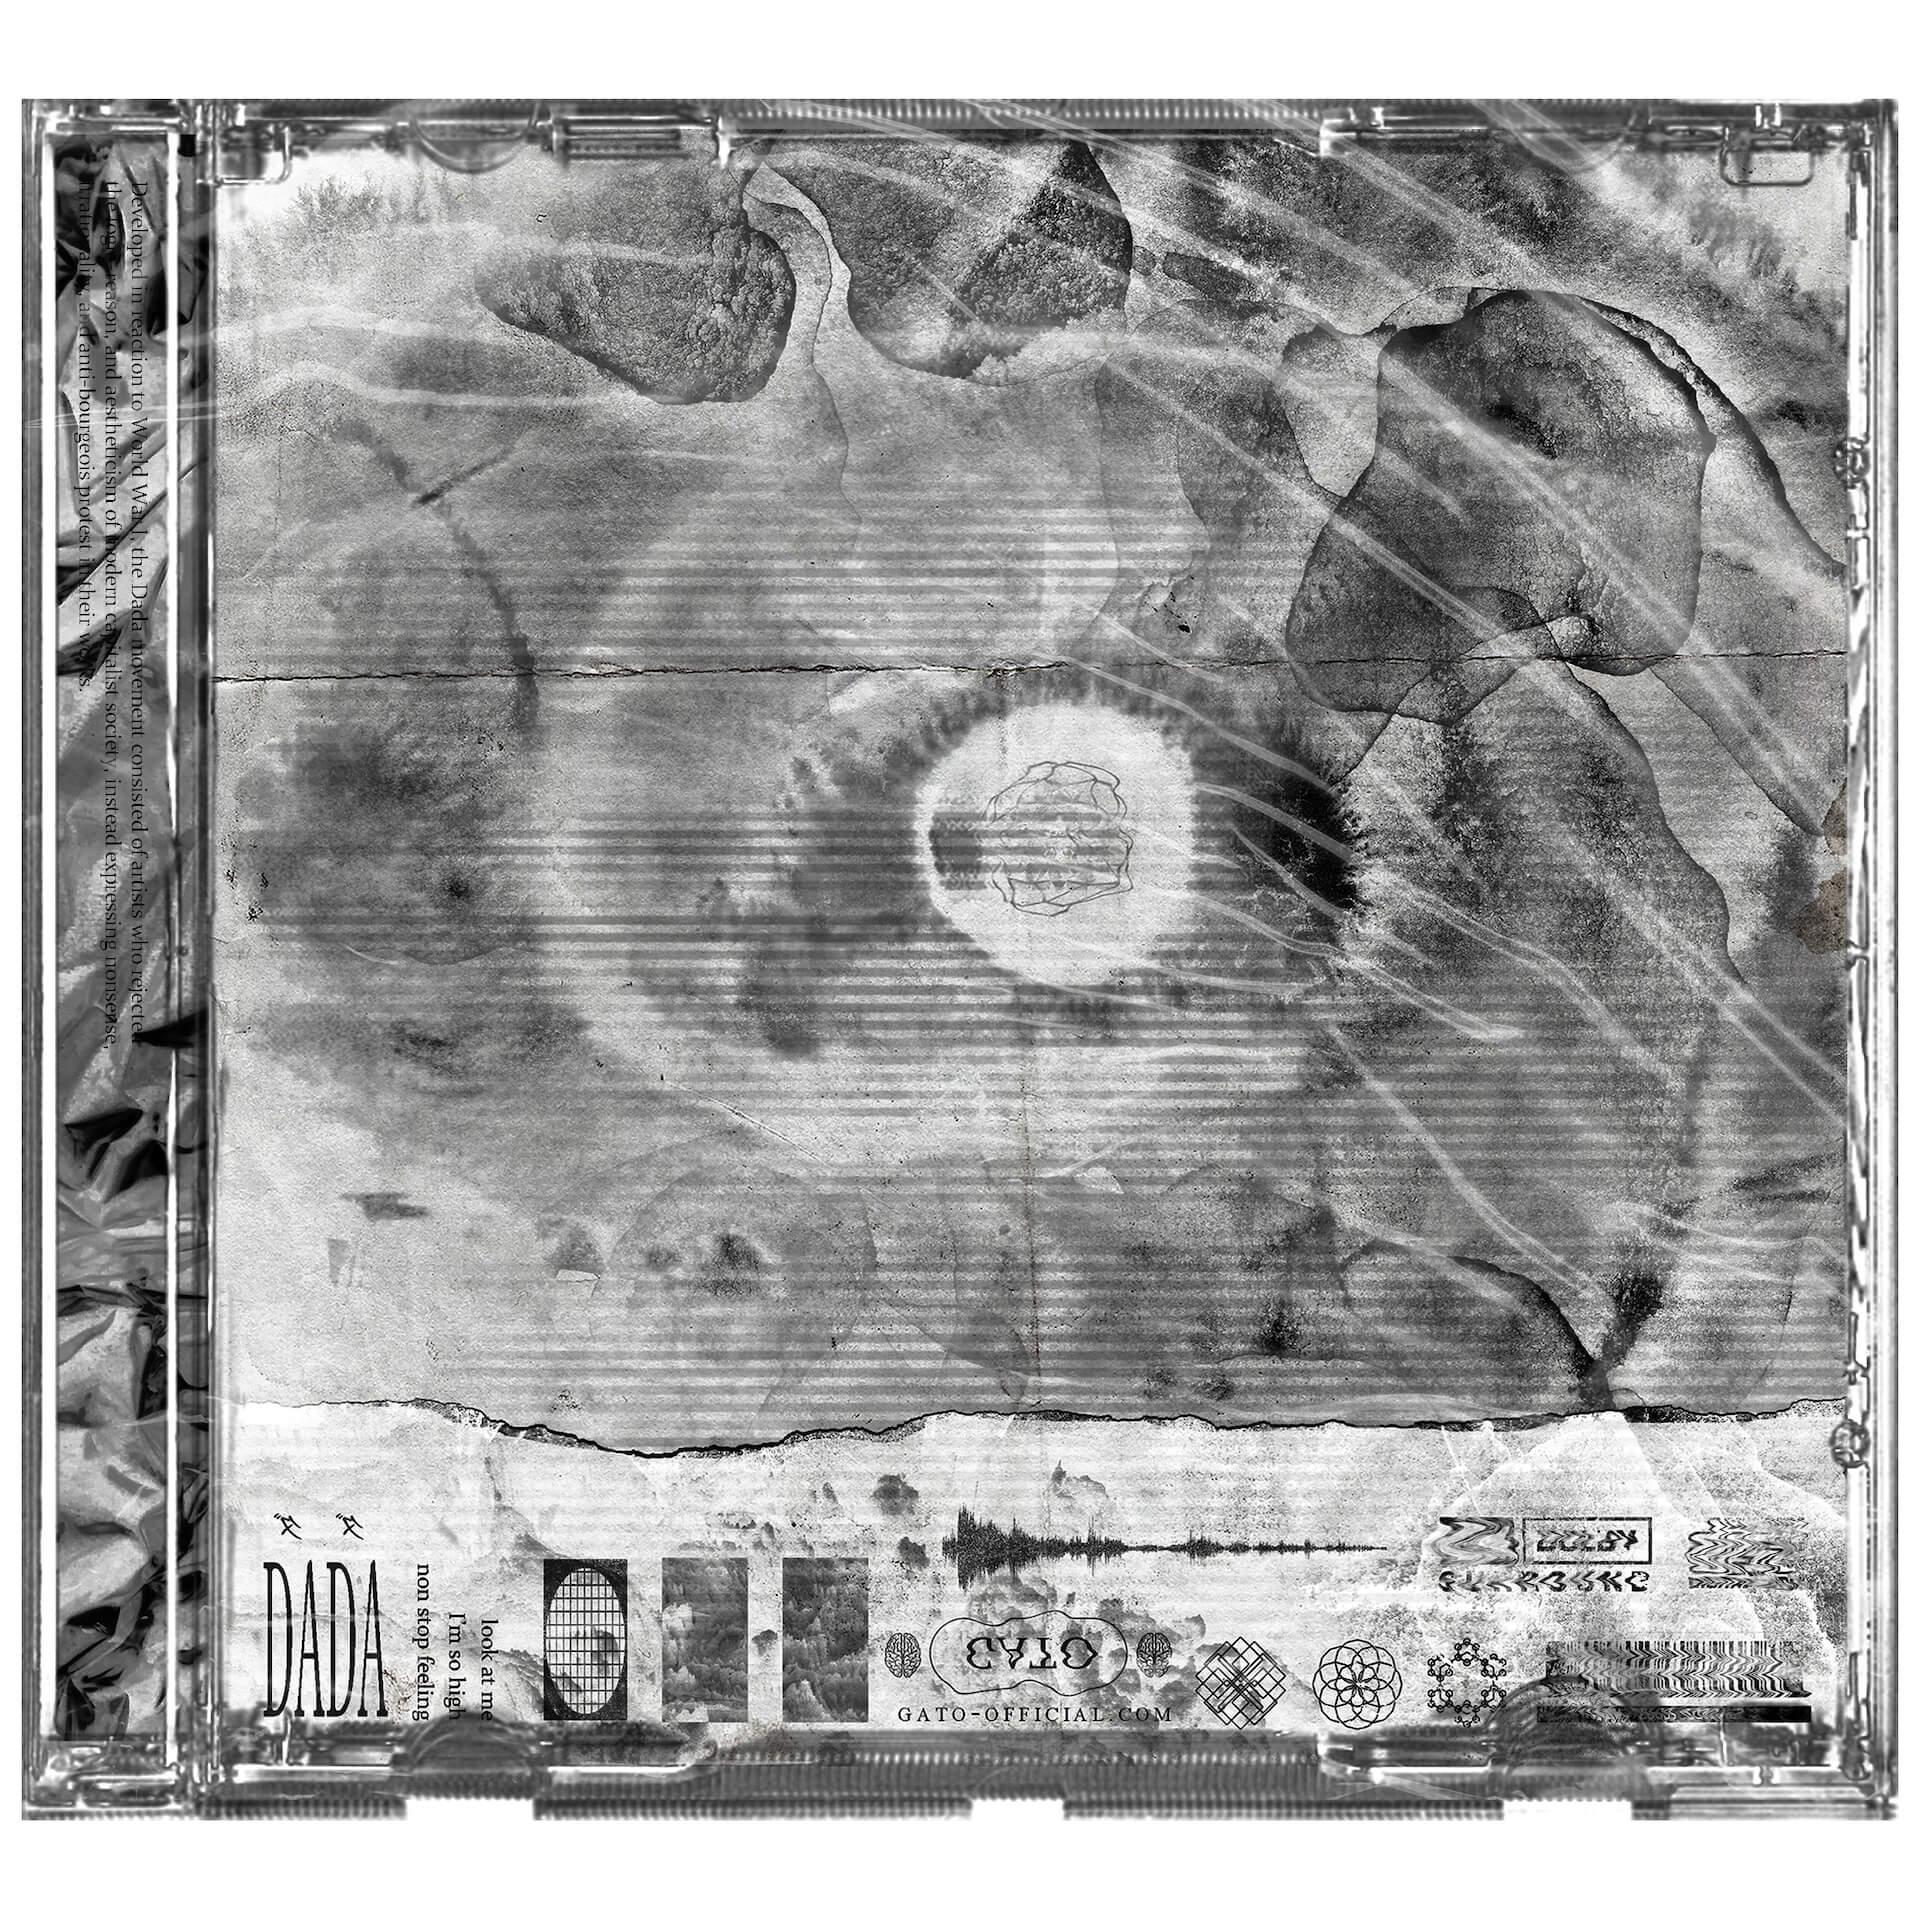 gatoの1stアルバムより人気曲のリミックスアルバムのリリースが決定!ケンモチヒデフミ、80KIDZなど多数参加 music210507_gato-210507_3